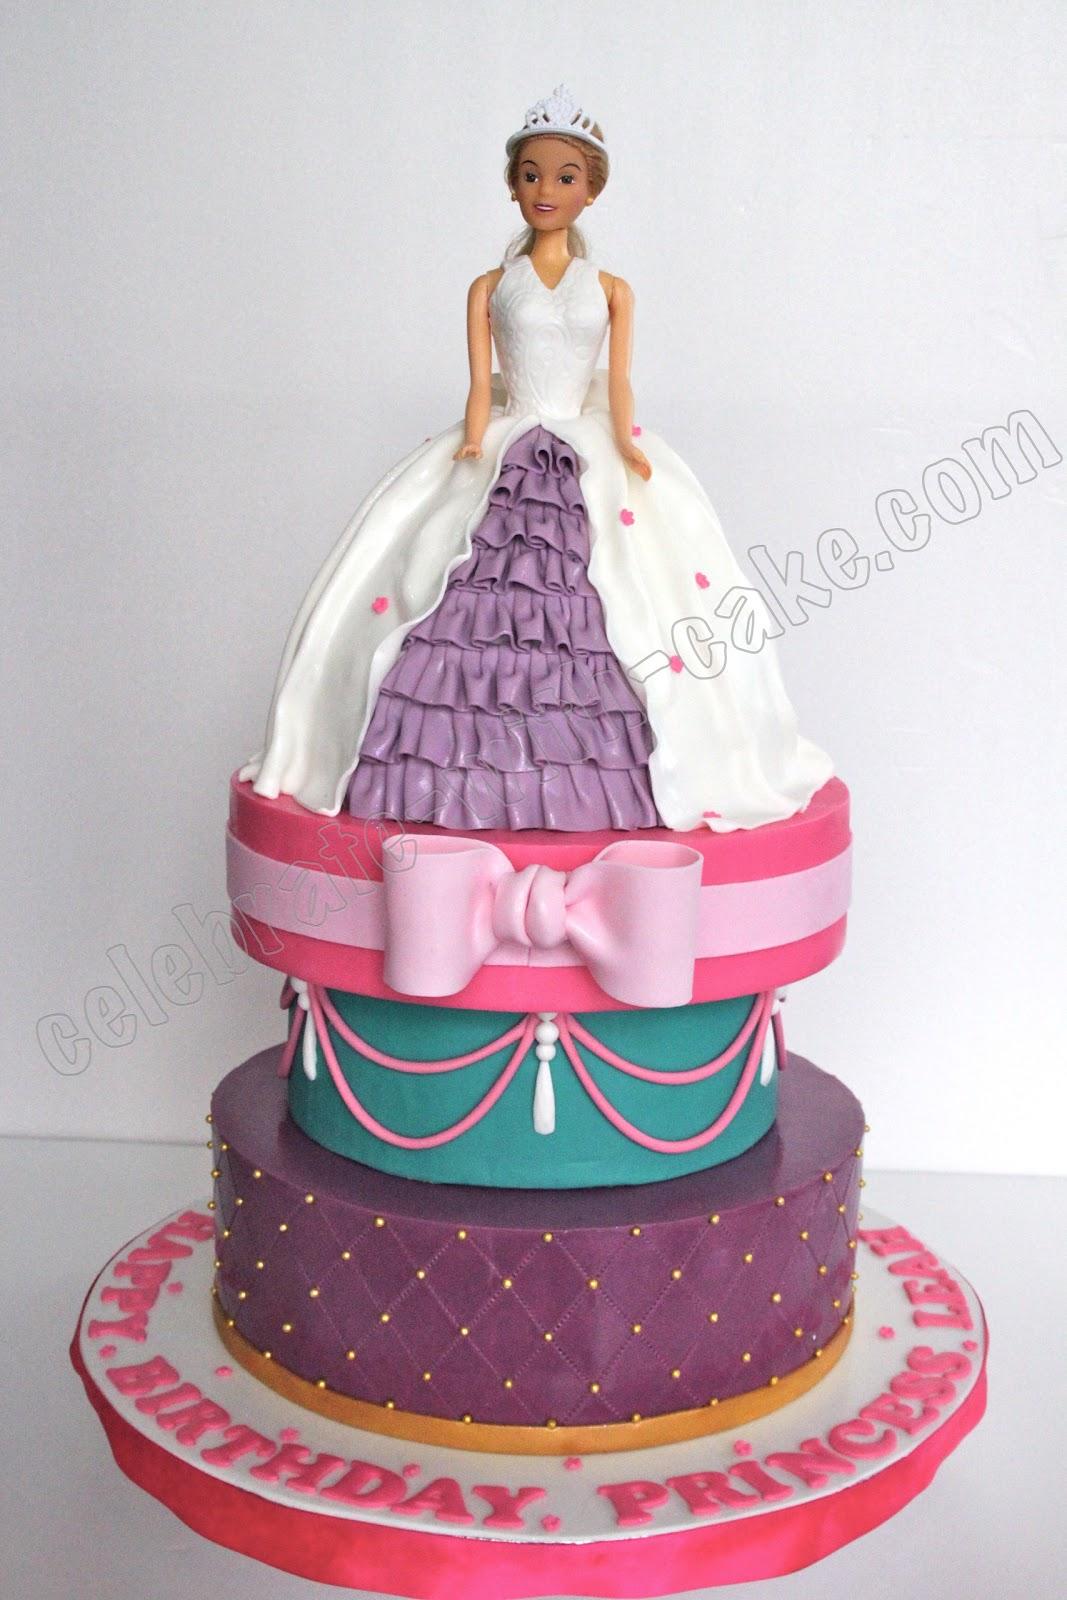 Princess Barbie 3 Tier Cake